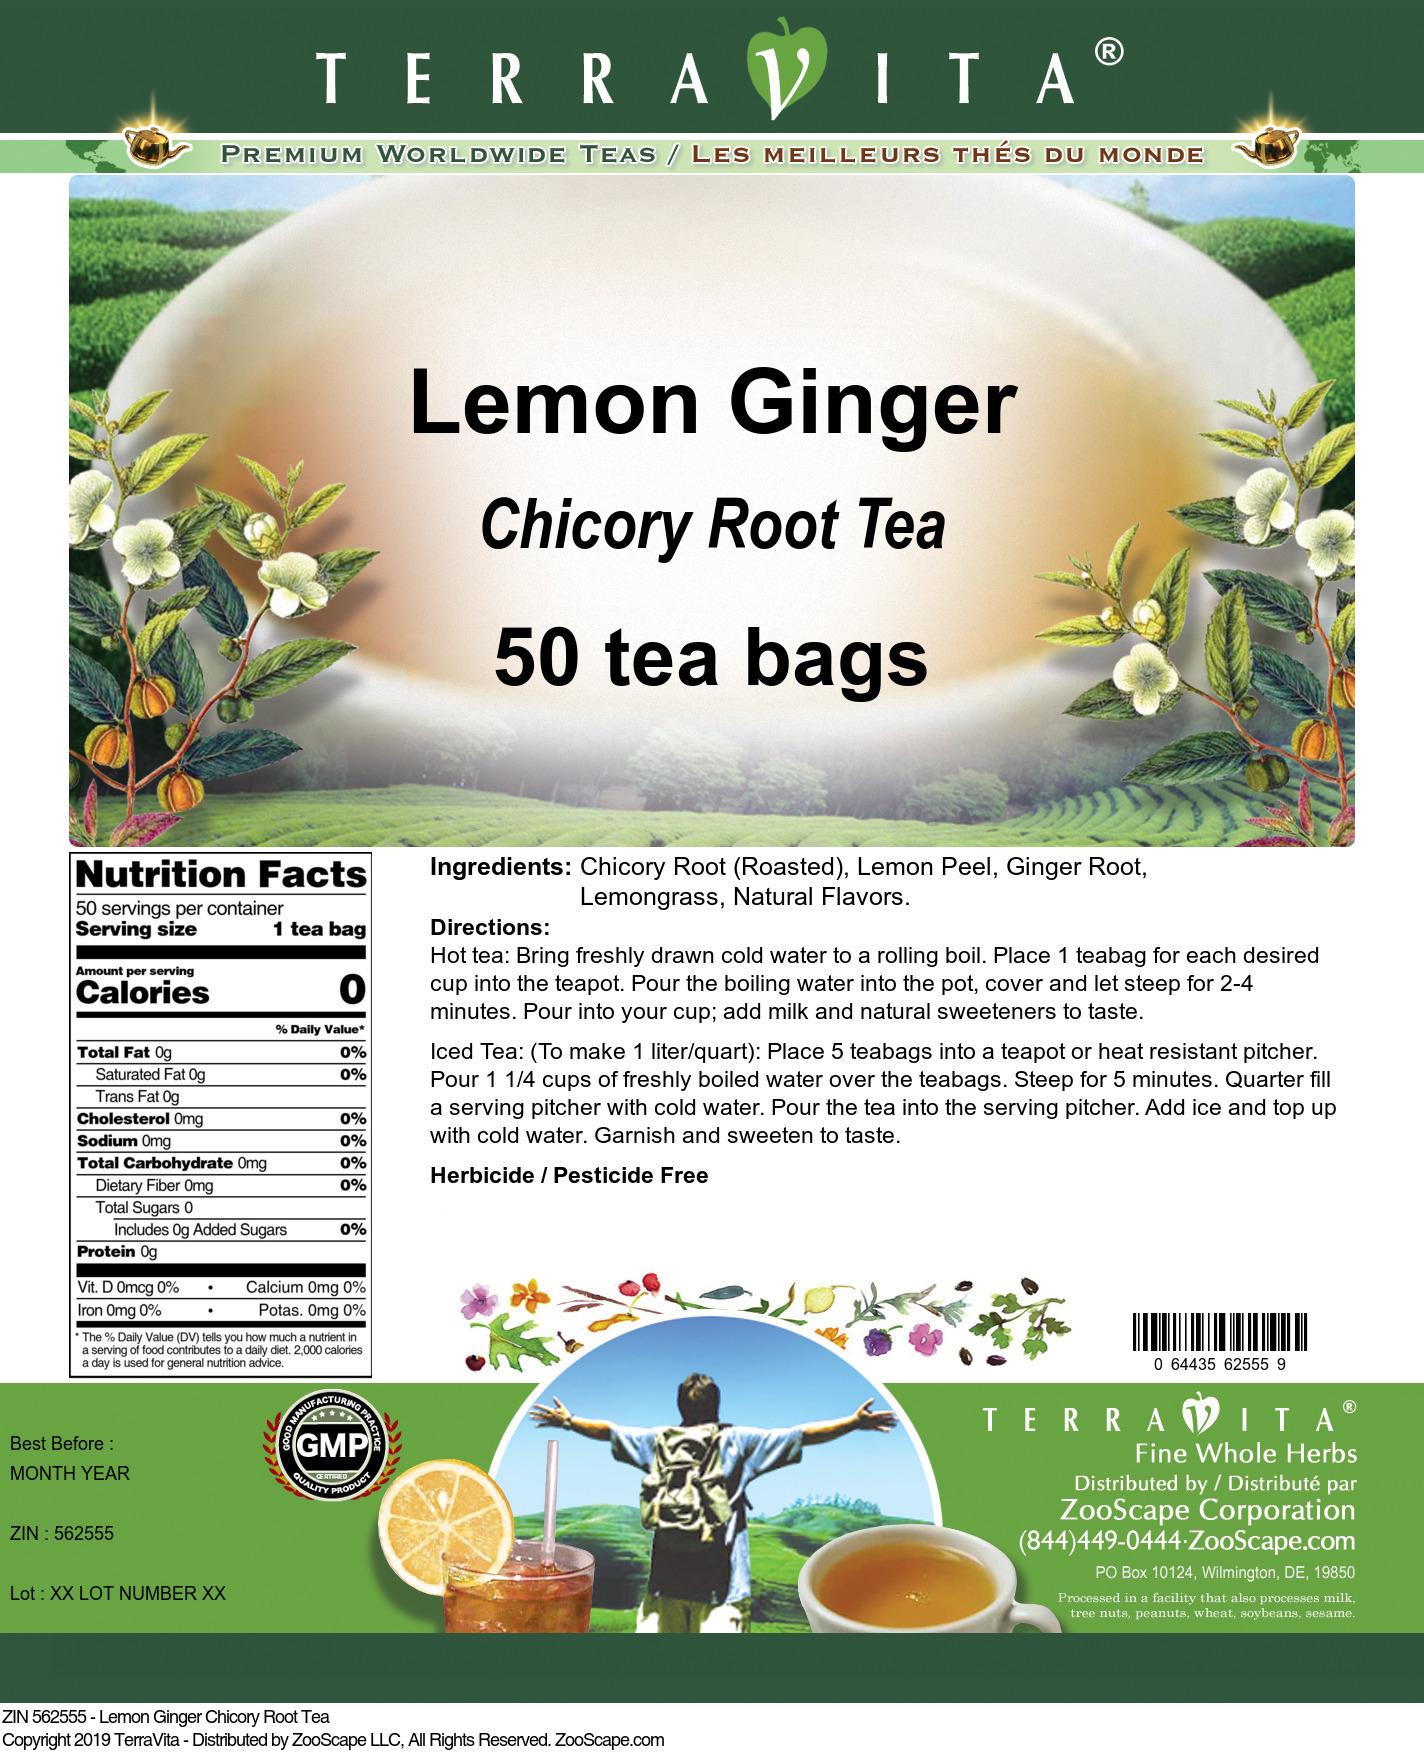 Lemon Ginger Chicory Root